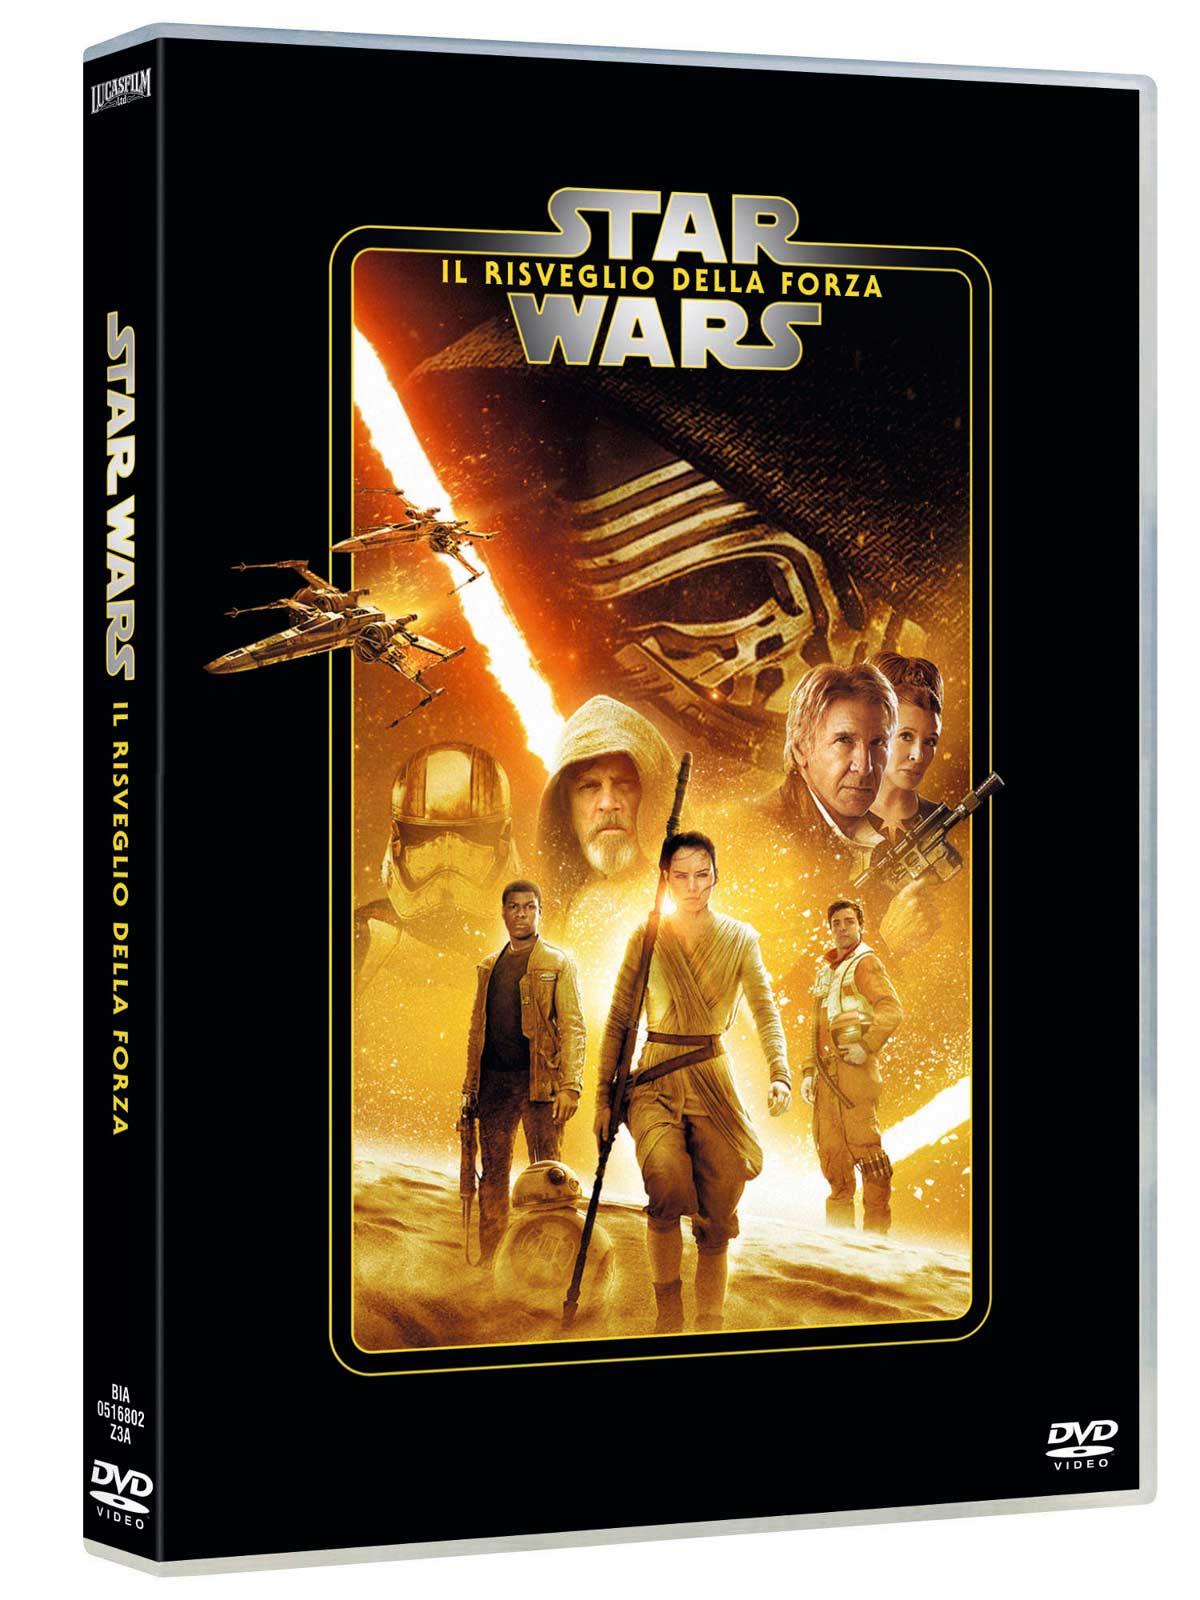 STAR WARS - EPISODIO VII - IL RISVEGLIO DELLA FORZA (DVD)